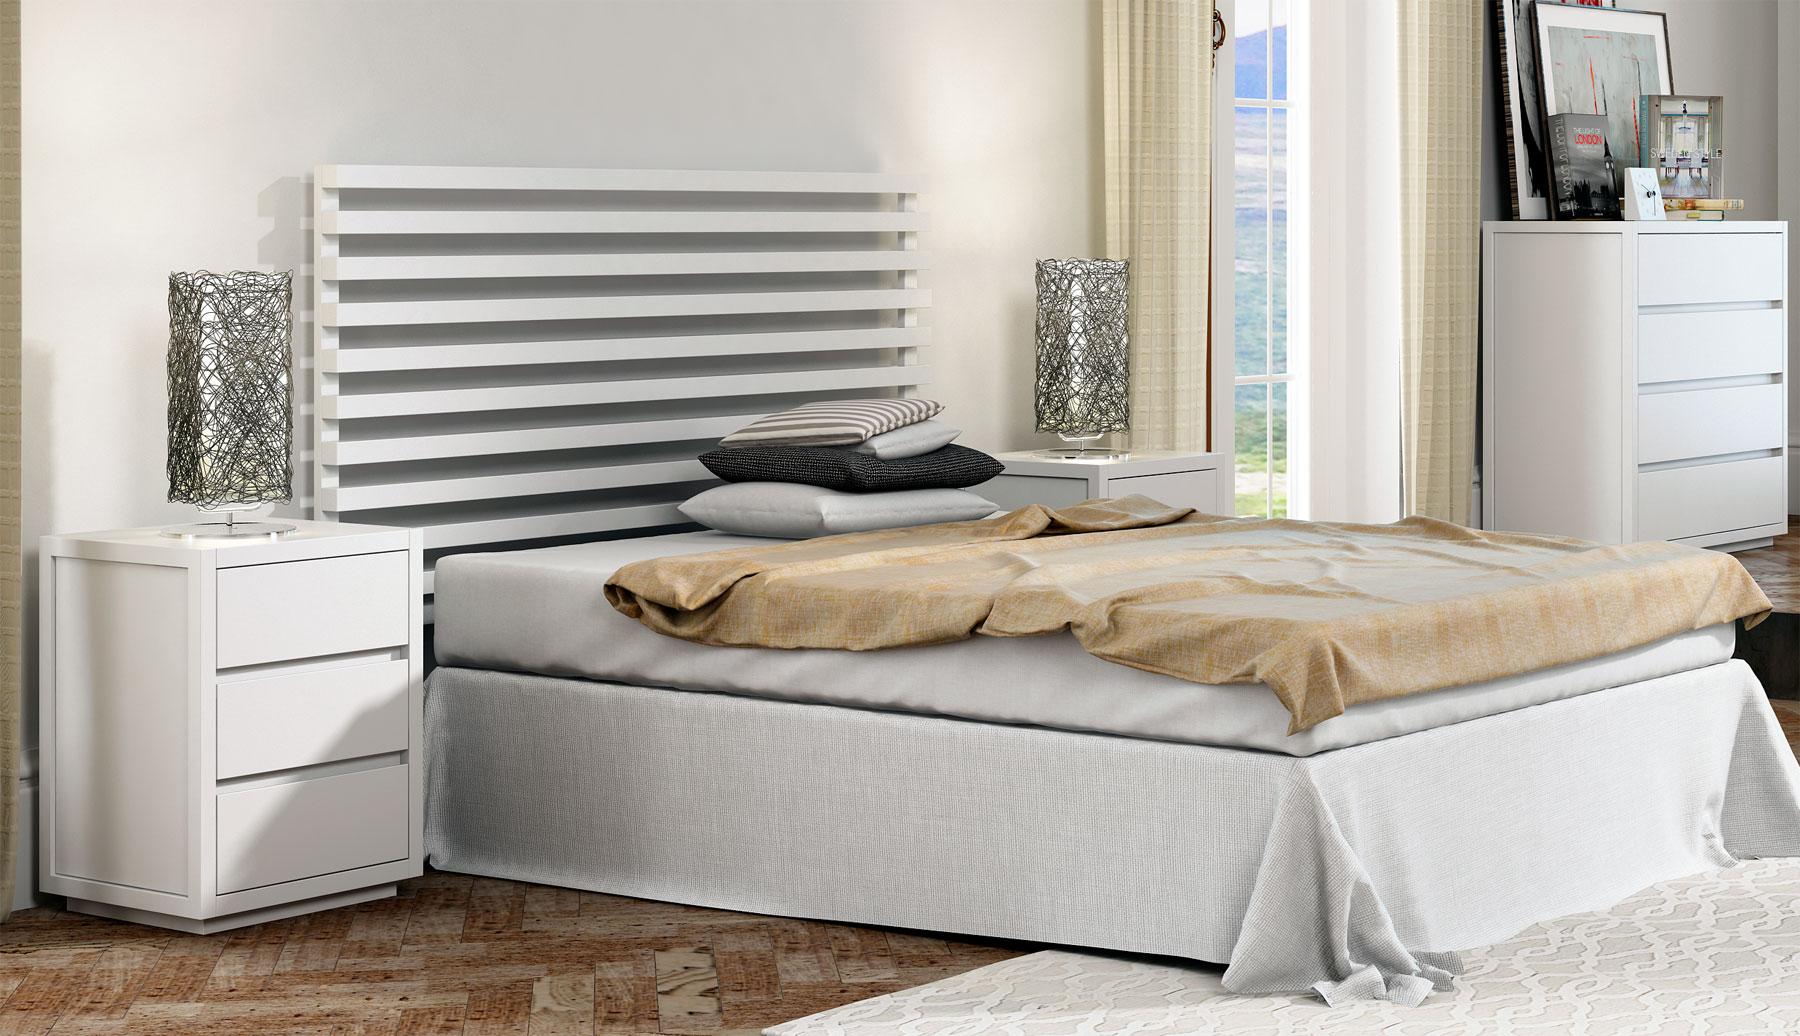 Muebles de dormitorio blancos for Muebles blancos ikea